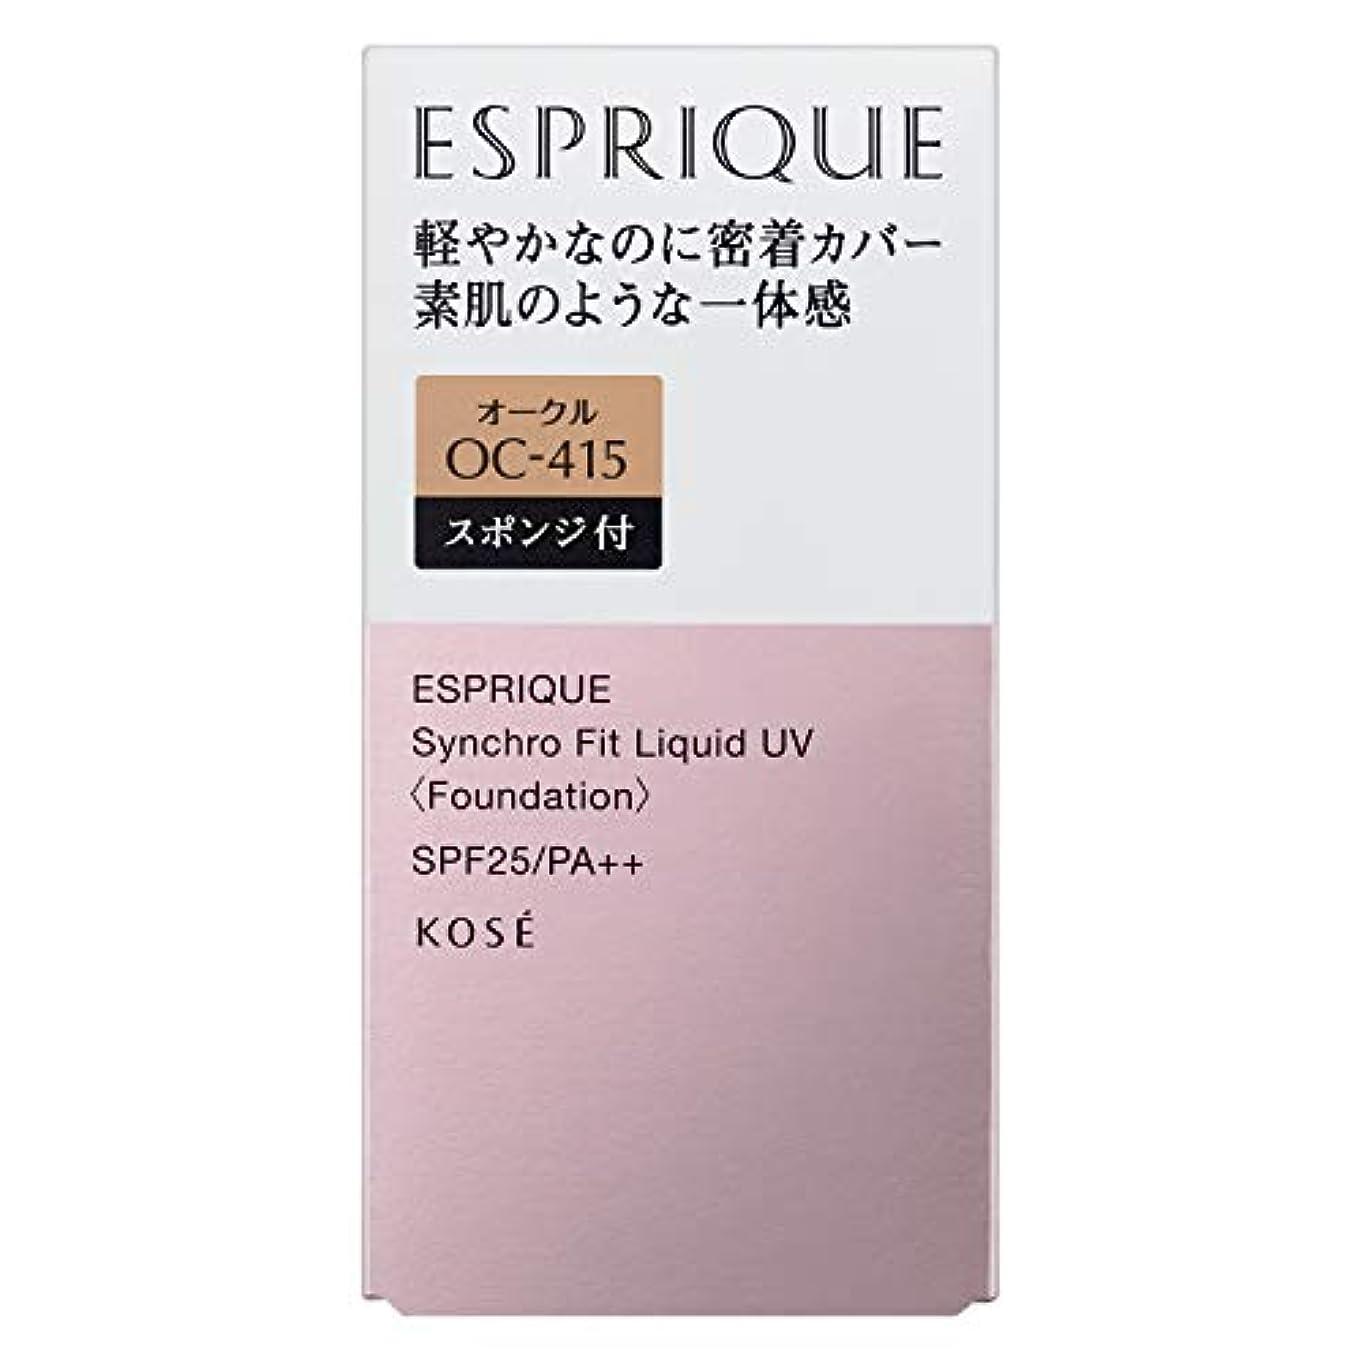 知覚的肝アッパーESPRIQUE(エスプリーク) エスプリーク シンクロフィット リキッド UV ファンデーション 無香料 OC-415 オークル 30g